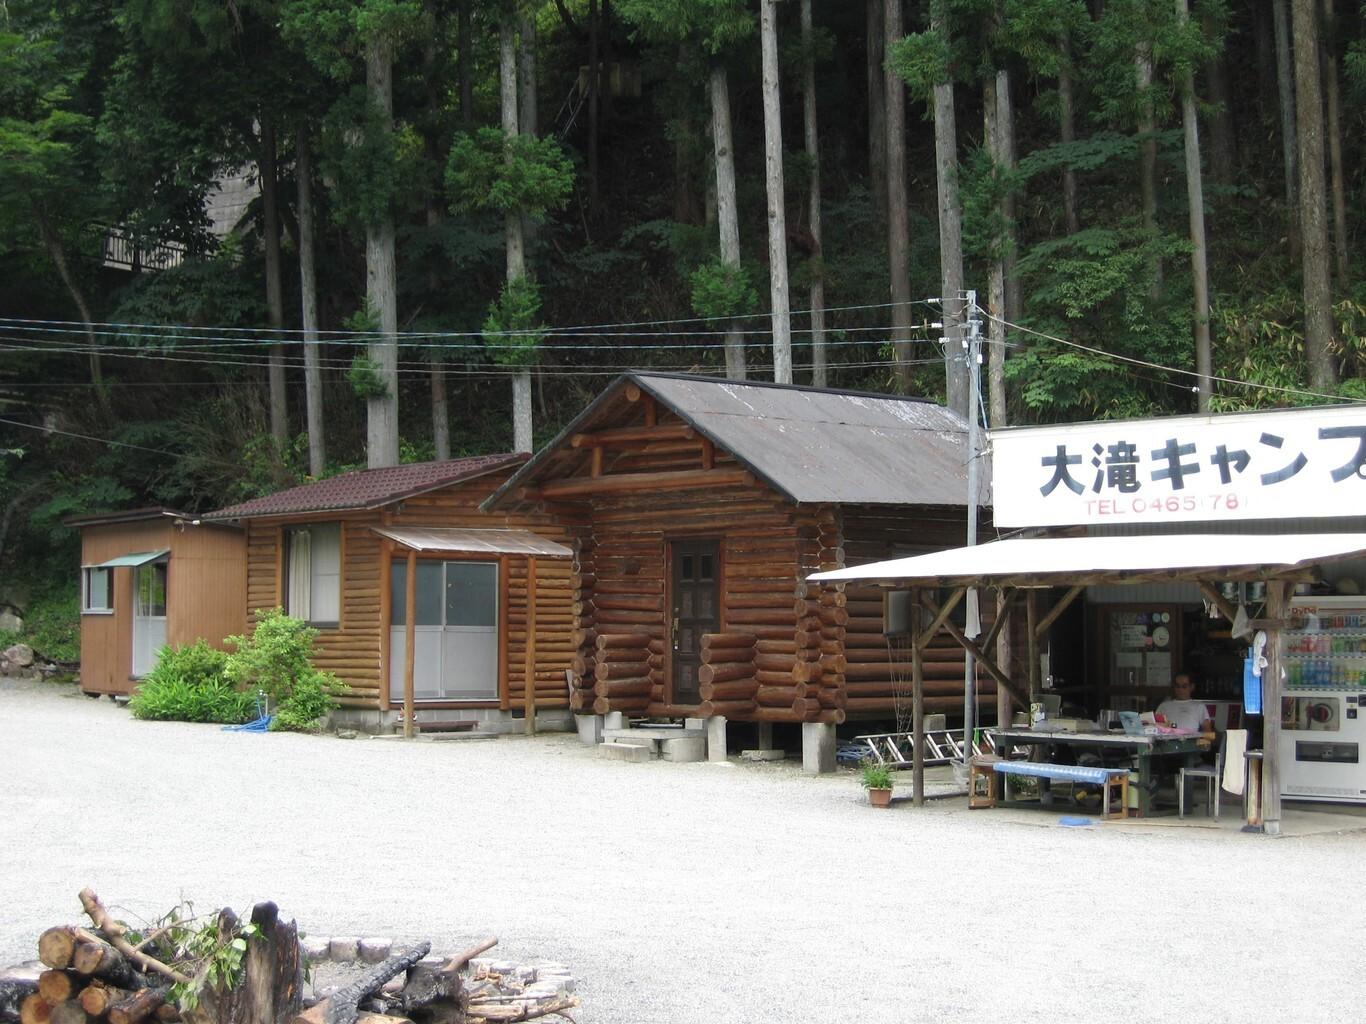 西丹沢 大滝キャンプ場 の公式写真c8646